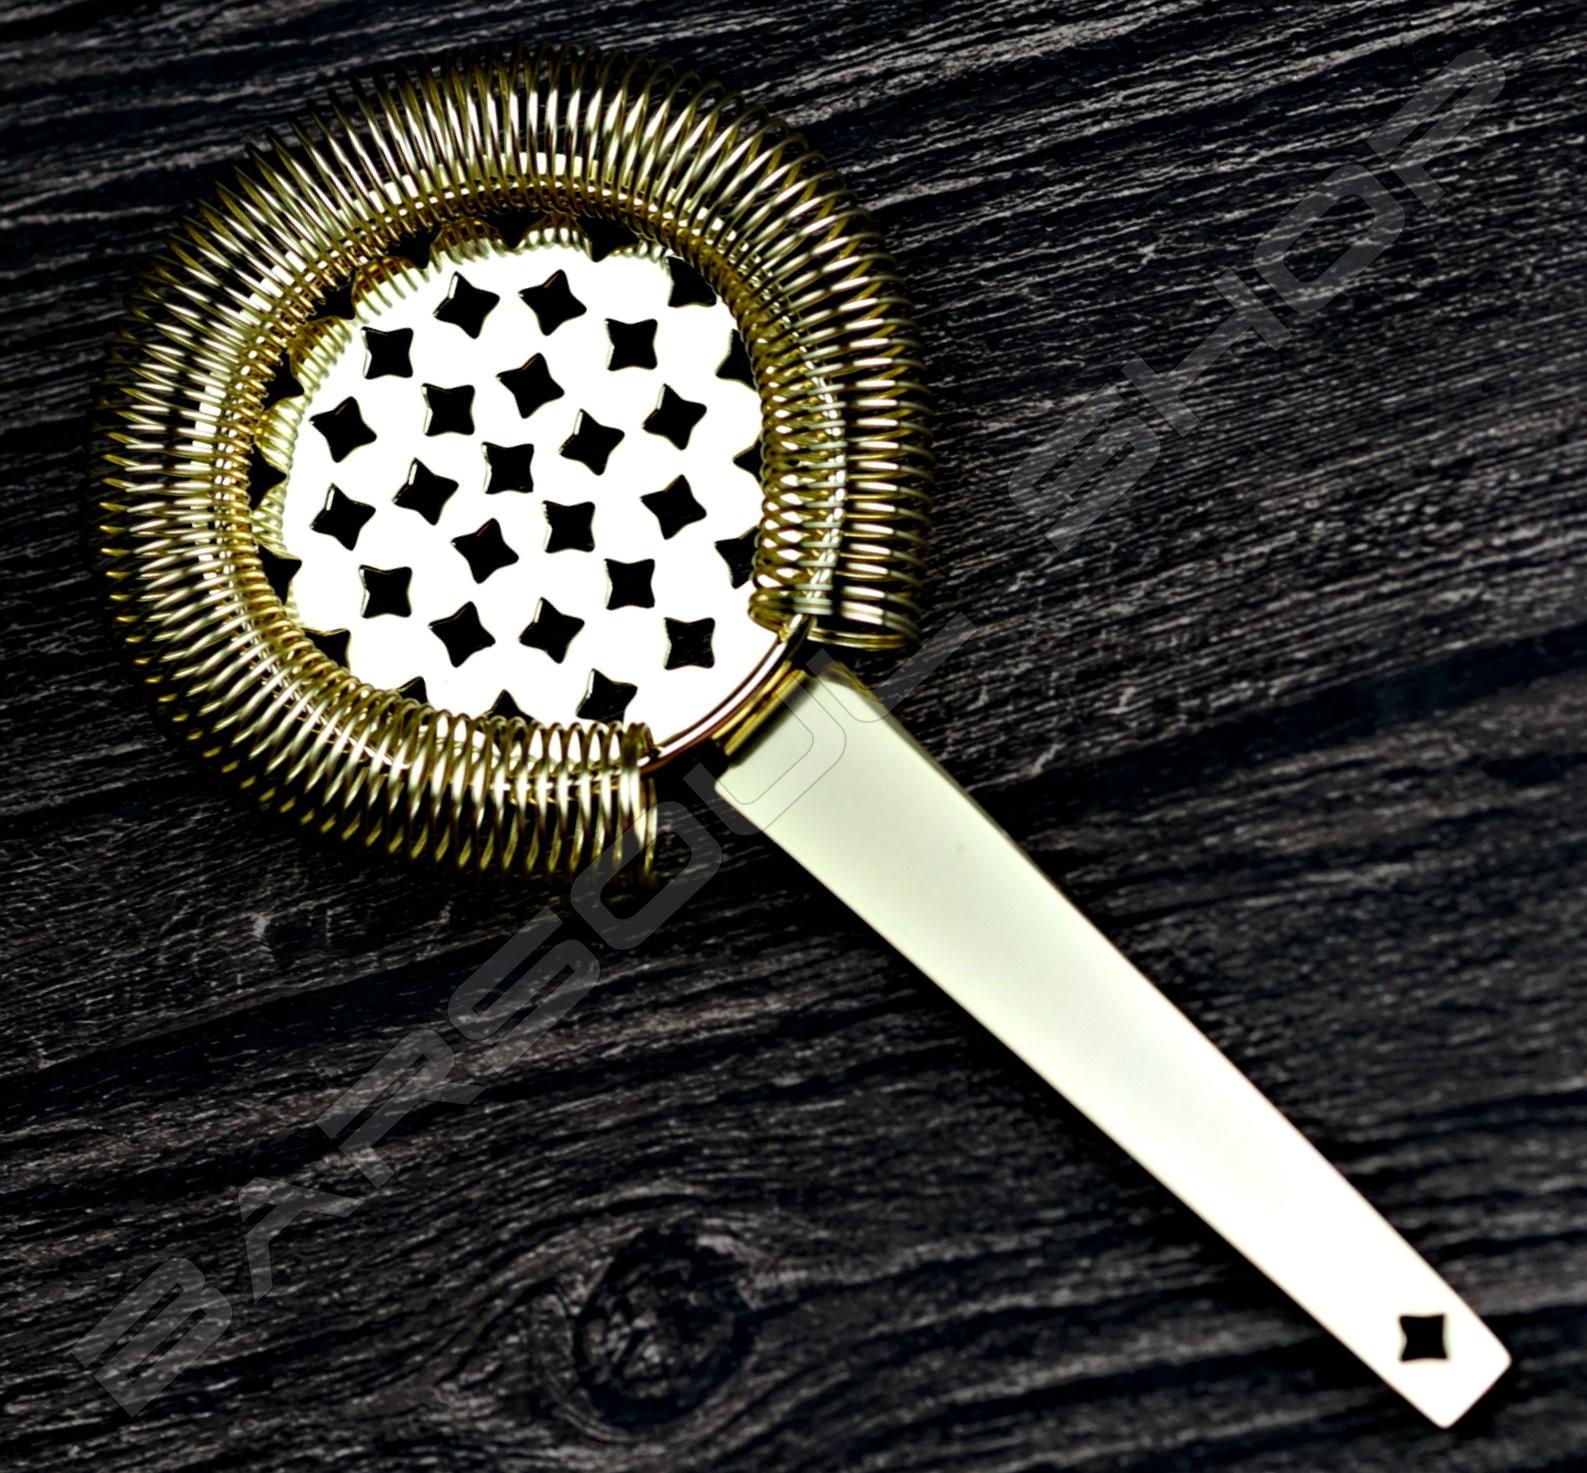 法式飛鏢濾冰器(金色) French darts strainer(gold)